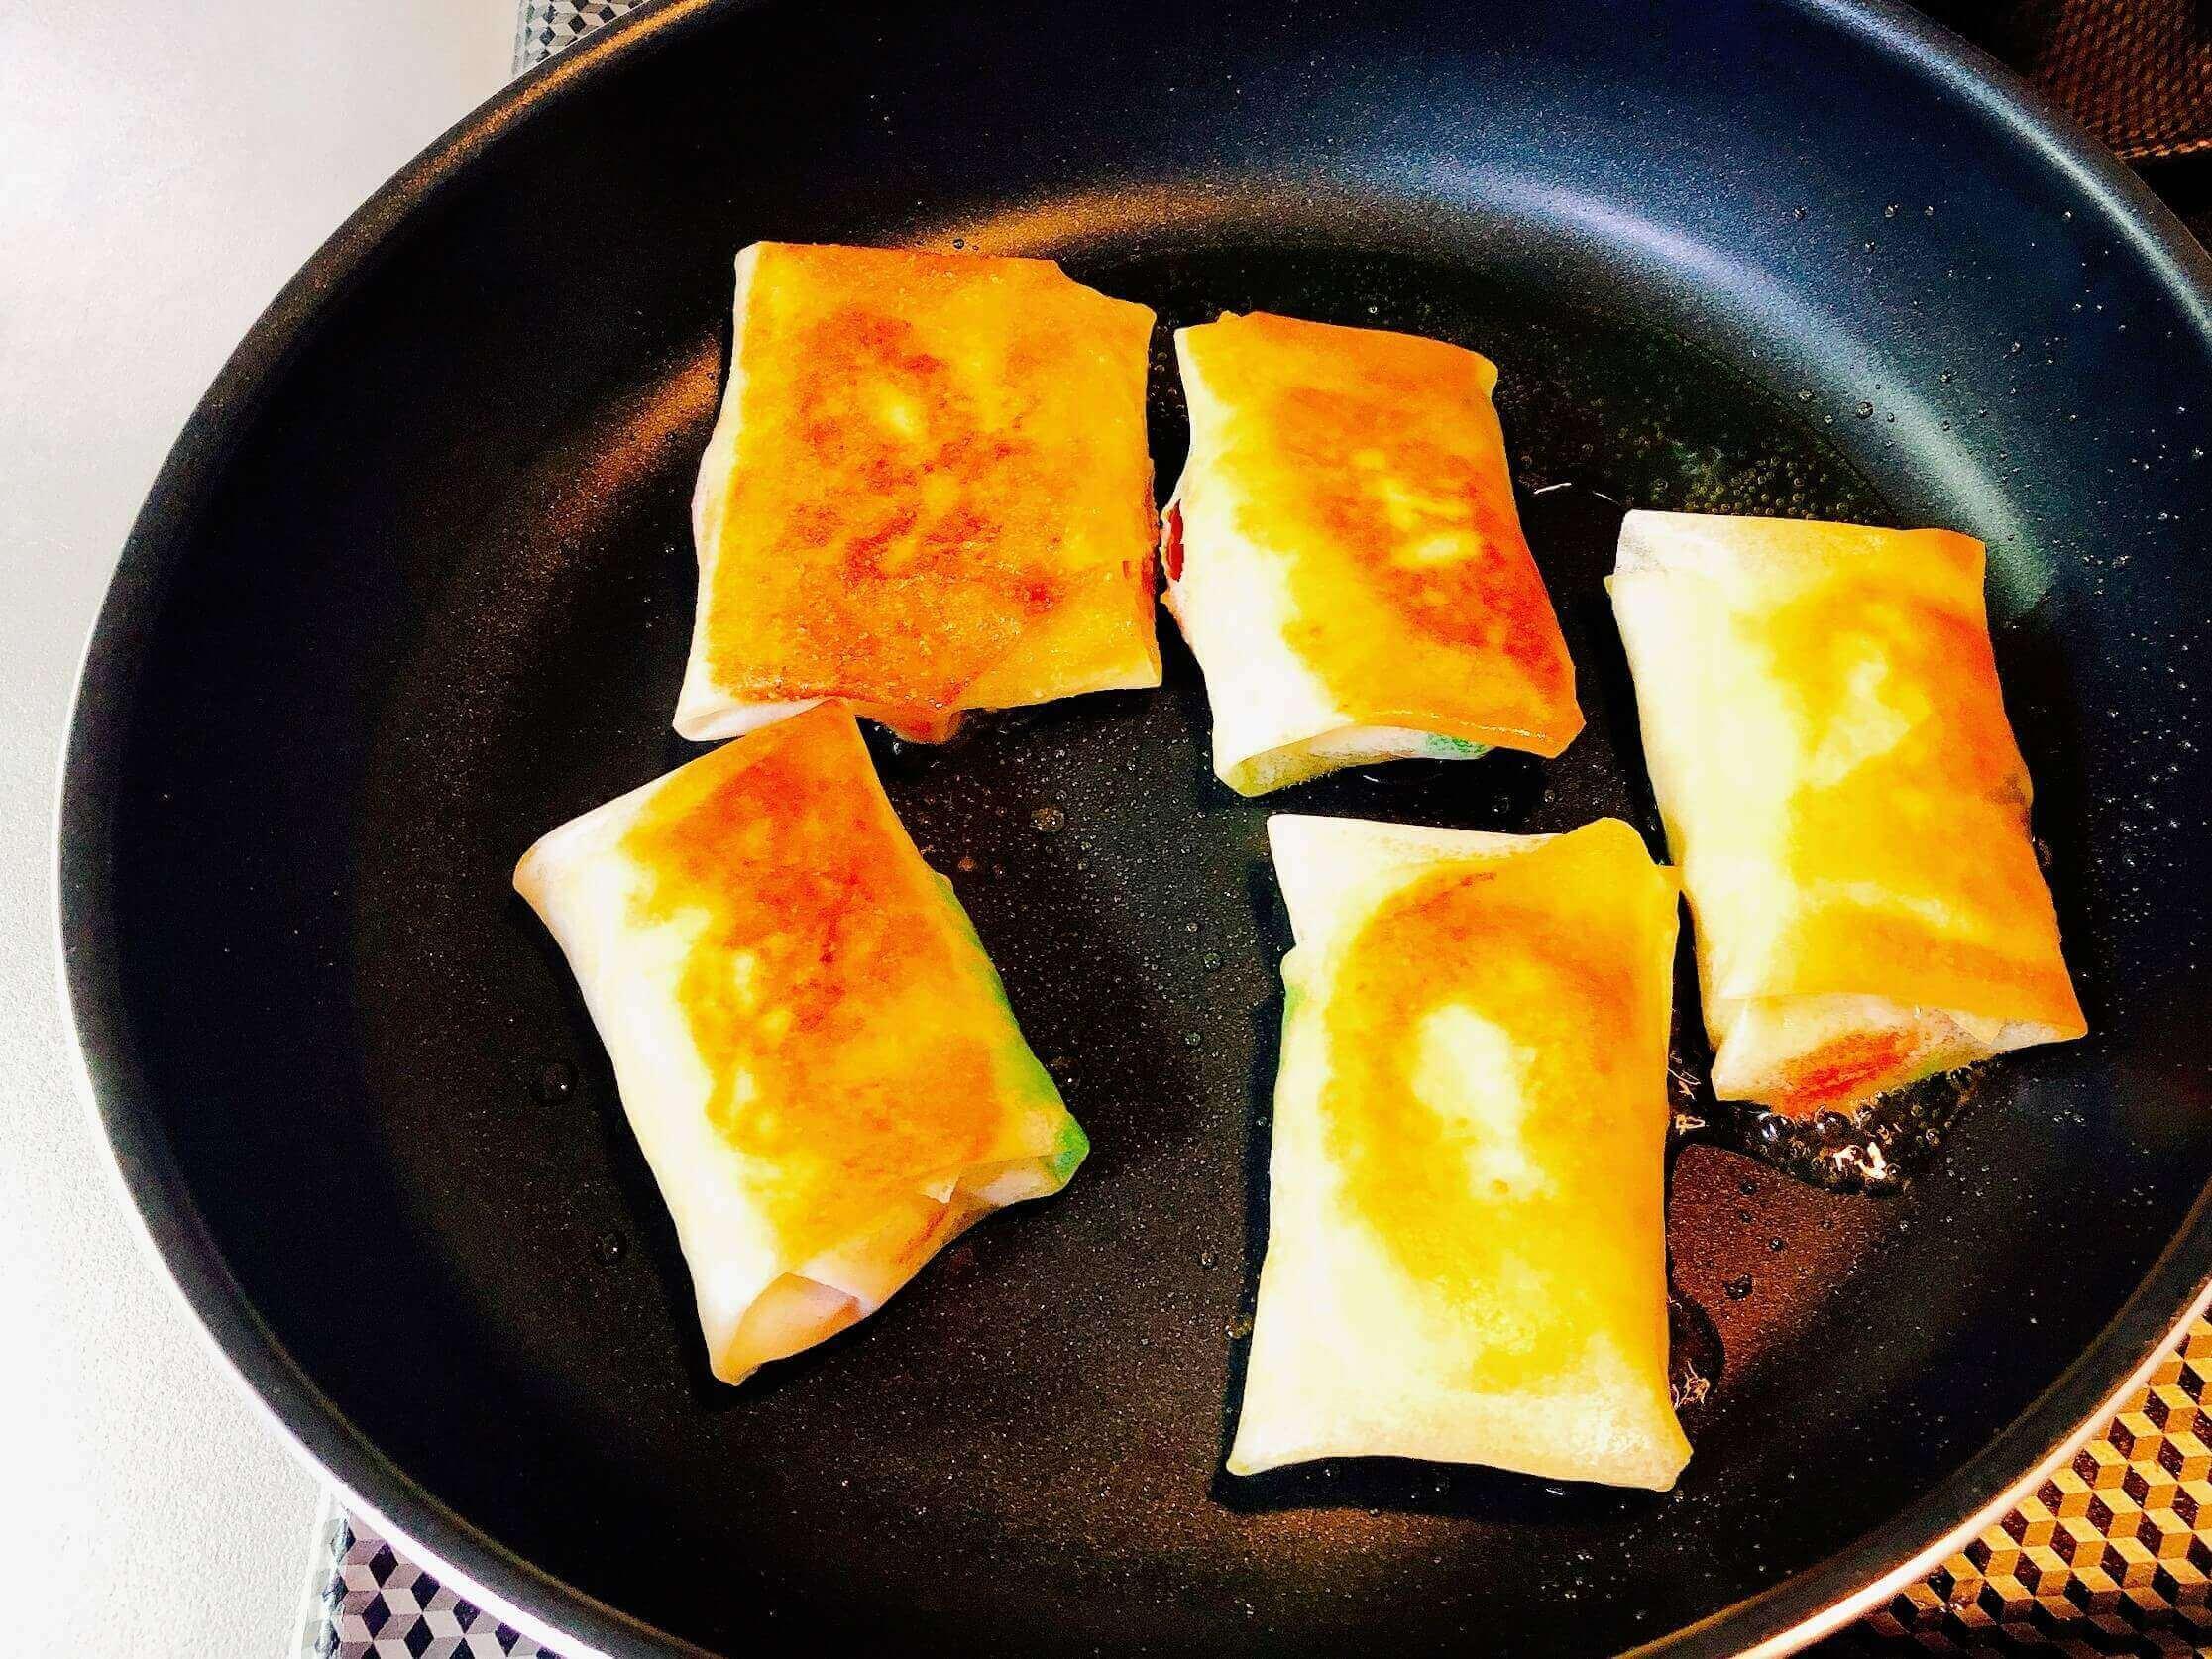 洋風春巻き調理、オリーブオイルで揚げ焼き